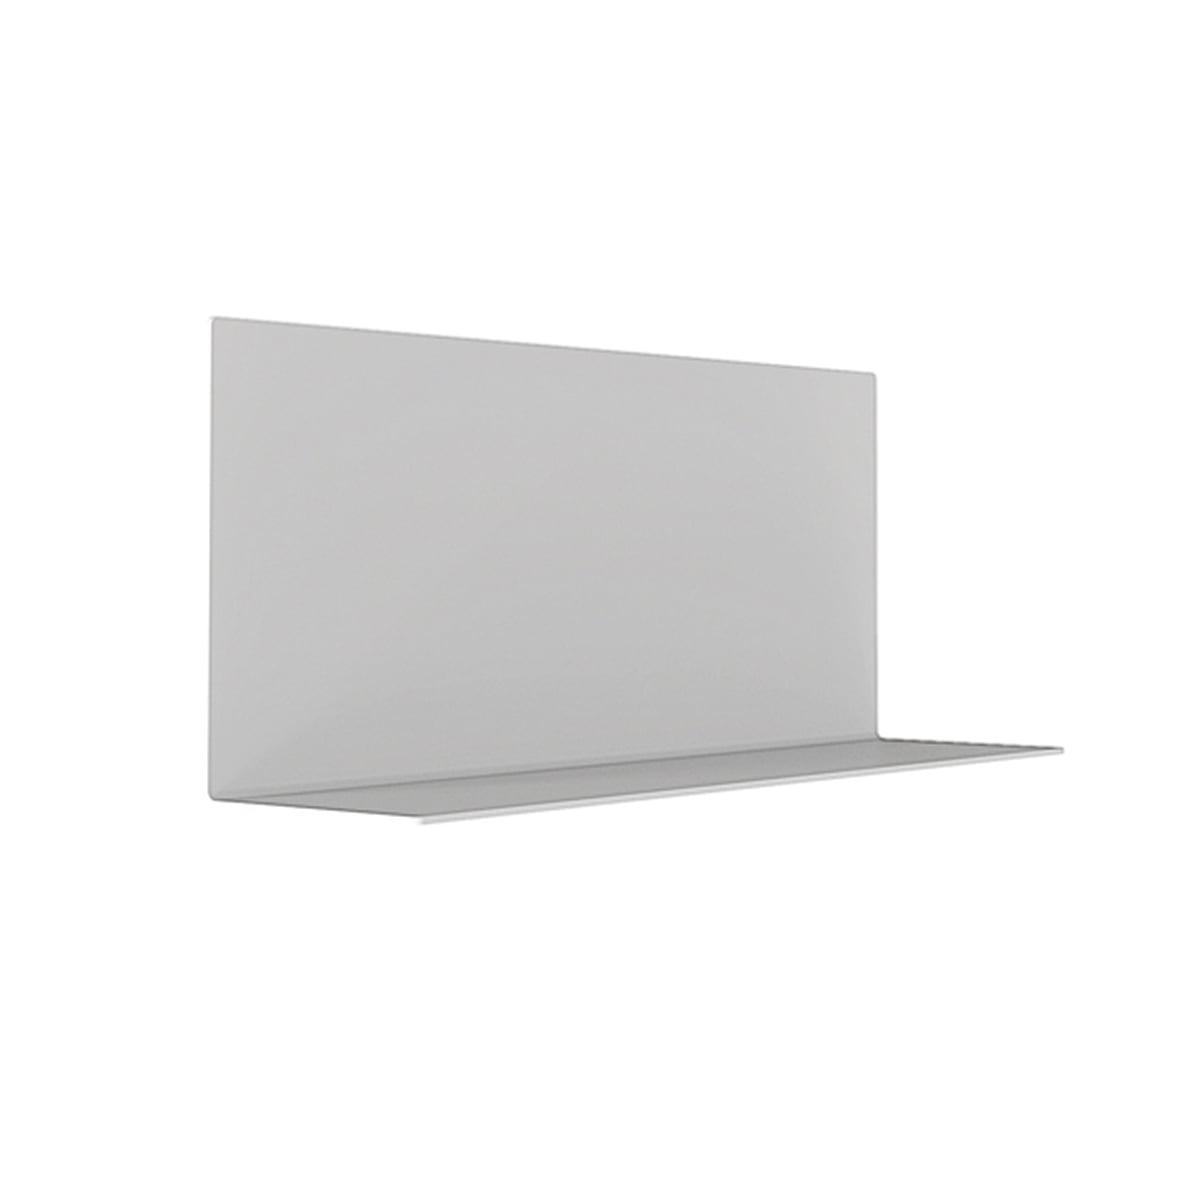 FROST - Unu Regalsystem, 250 x 600 x 150, weiß | Wohnzimmer > Regale | Frost